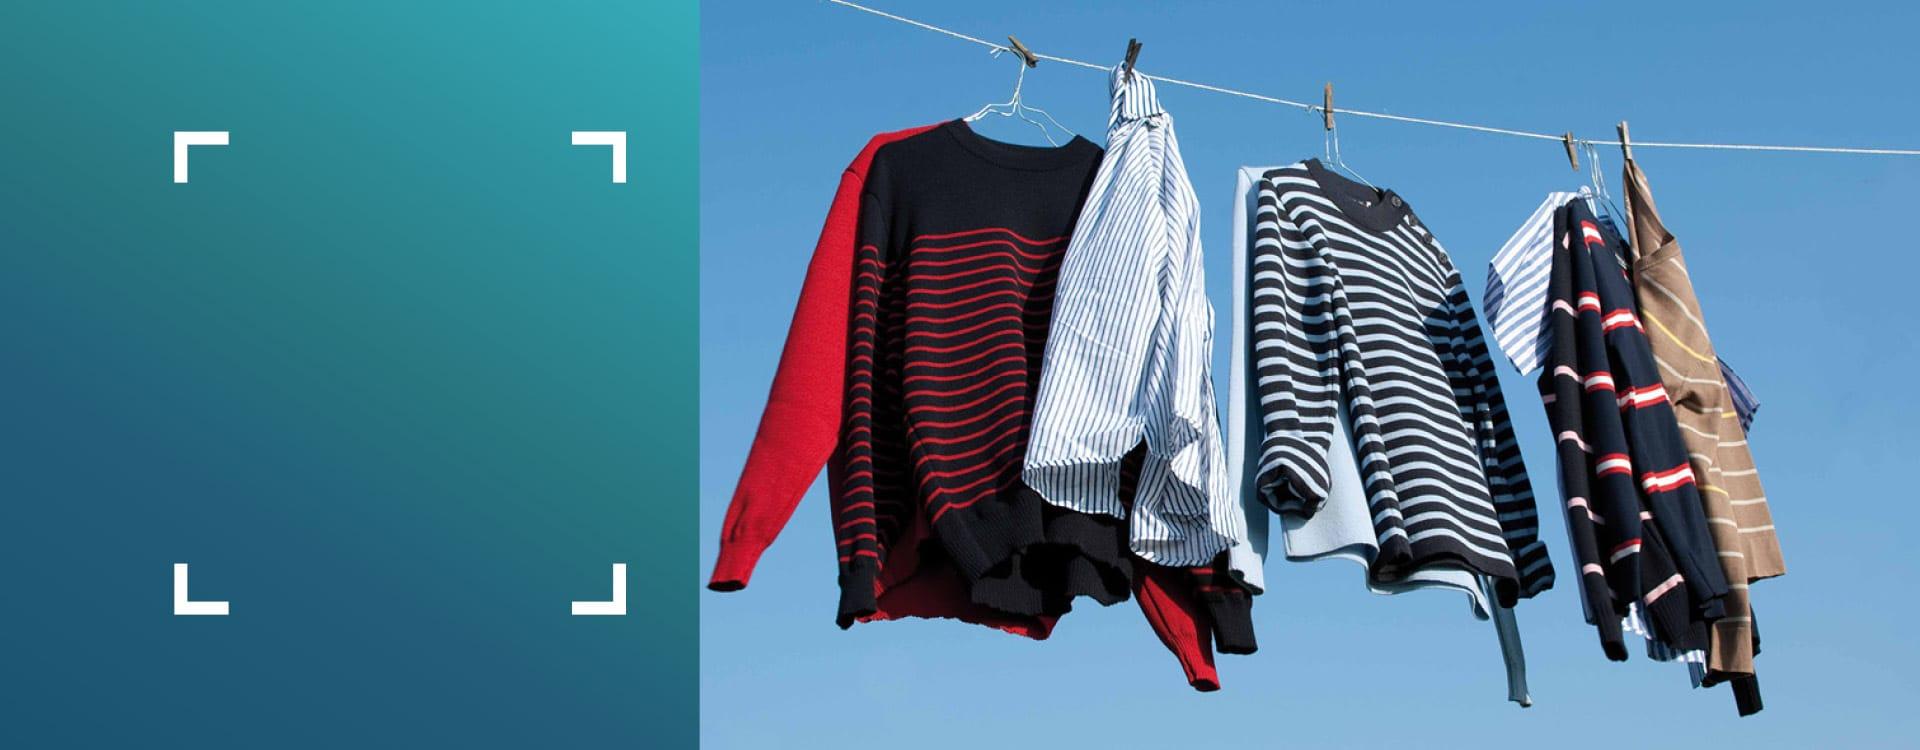 conseils : détacher les vêtements